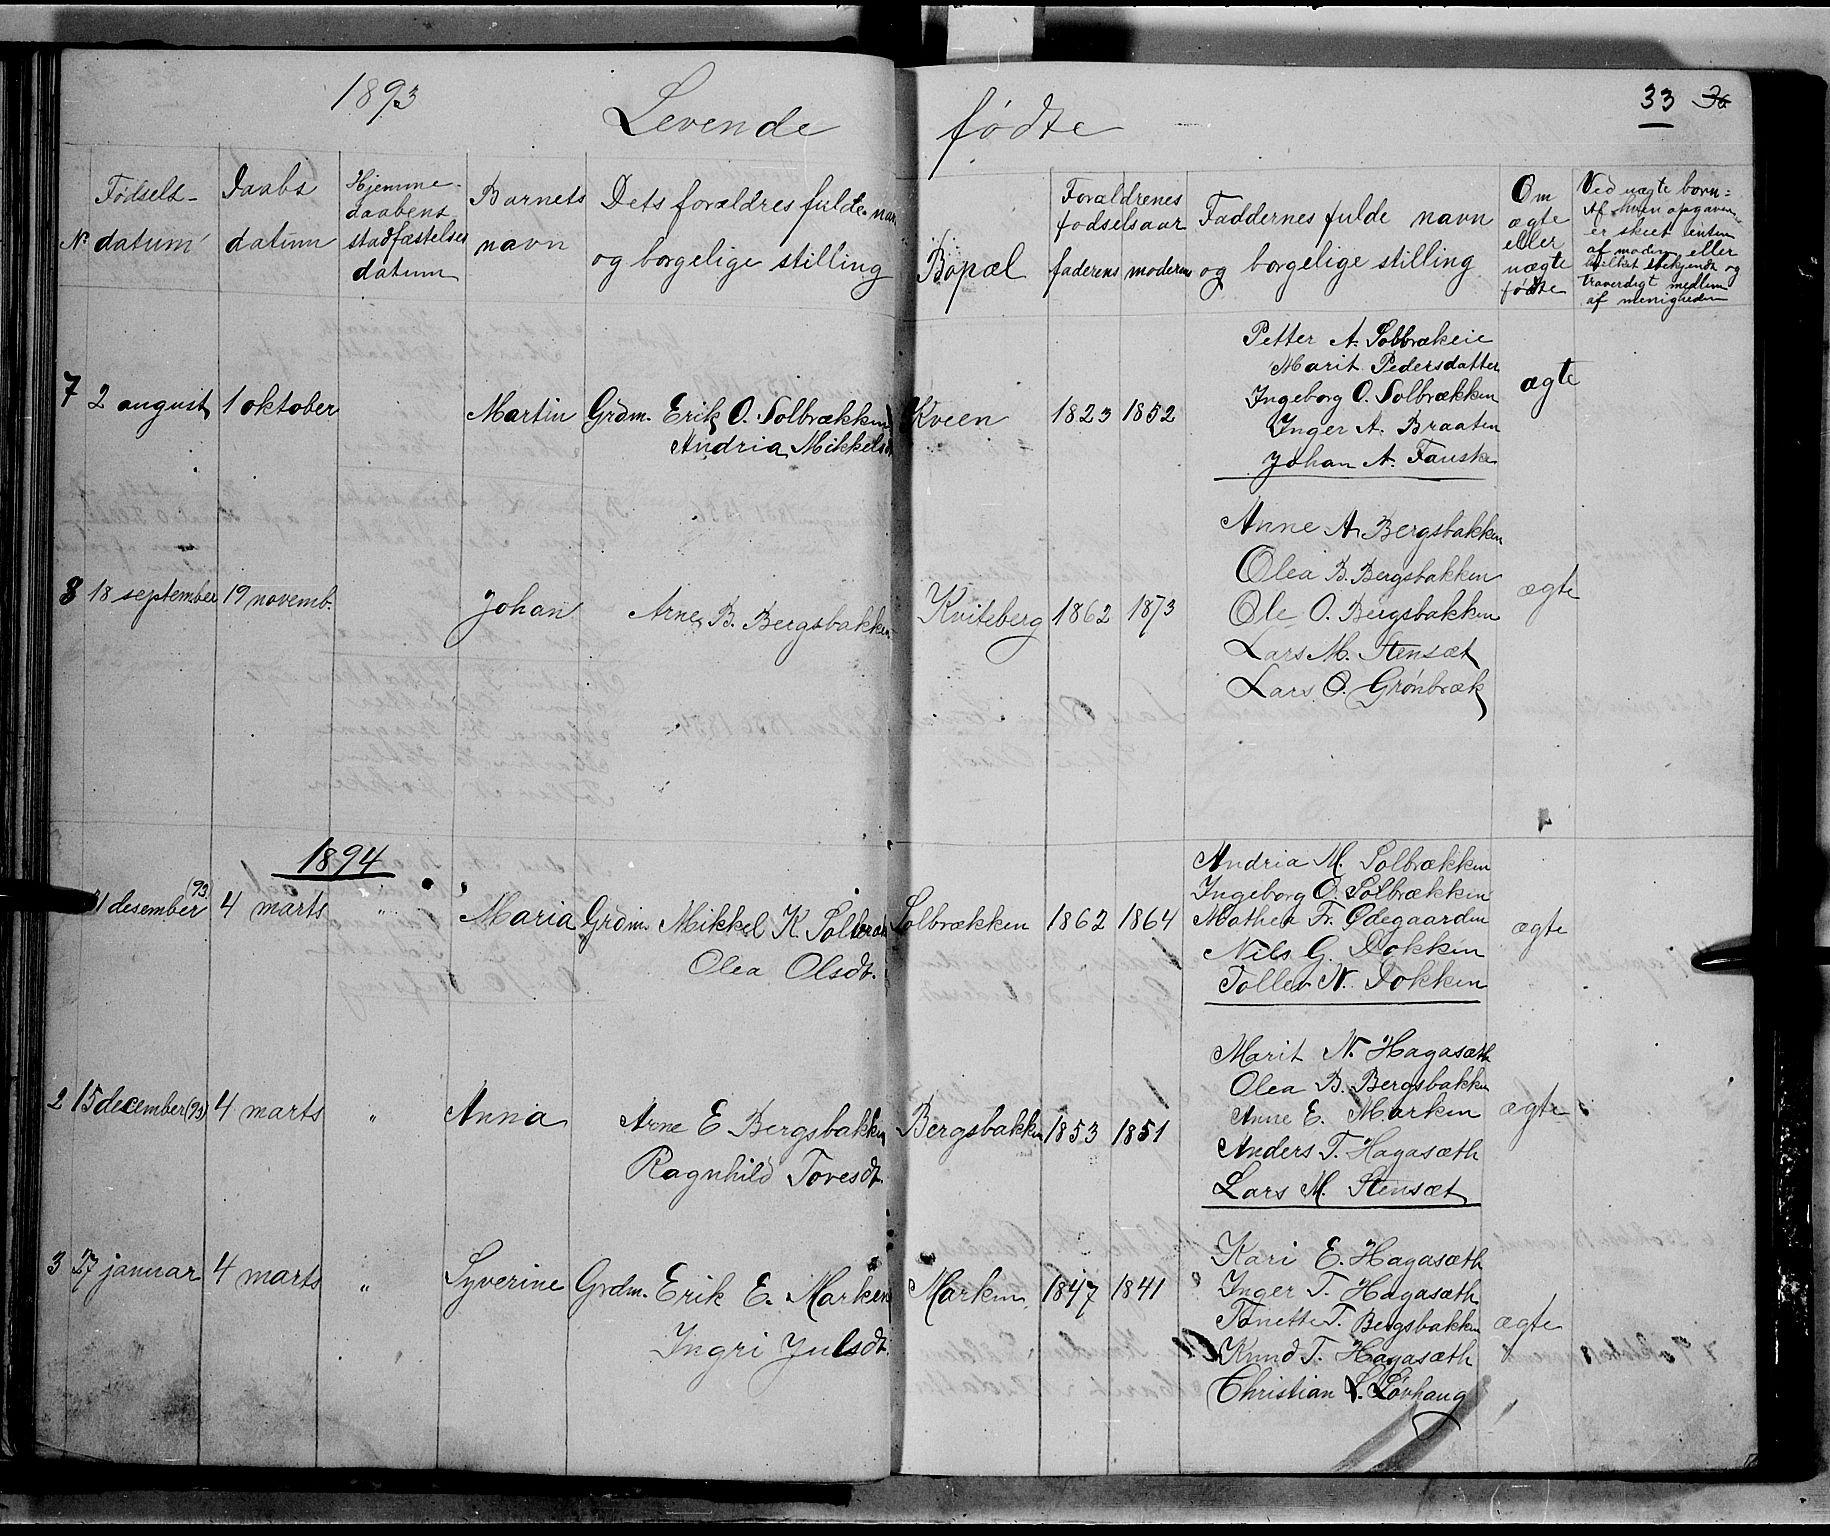 SAH, Nord-Aurdal prestekontor, Klokkerbok nr. 5, 1876-1895, s. 33